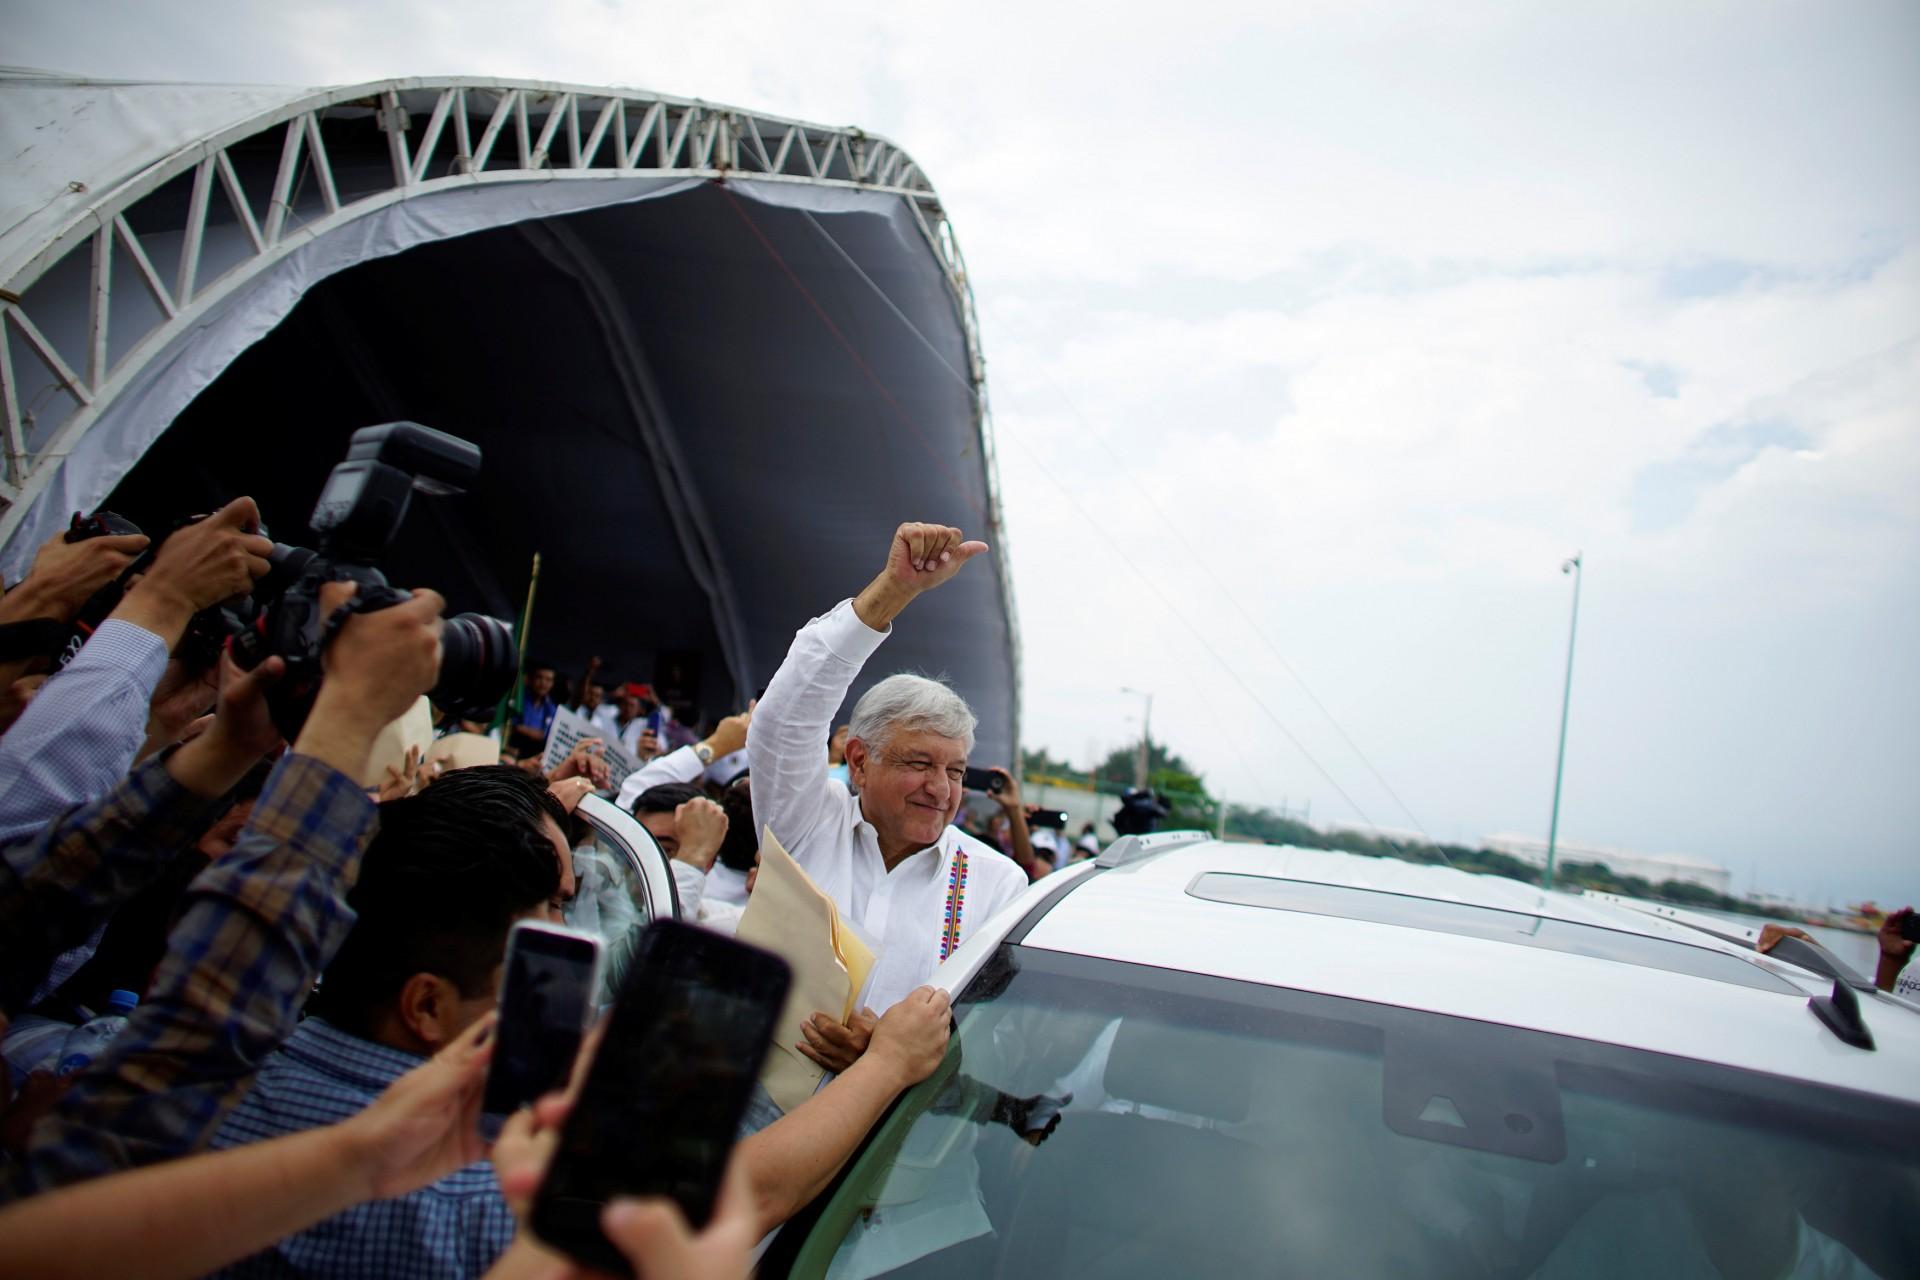 El nuevo presidente de México, Andrés Manuel López Obrador reacciona ante los partidarios después de un evento para revelar su plan de refinación de petróleo en Paraiso, estado de Tabasco, México, 9 de diciembre de 2018.